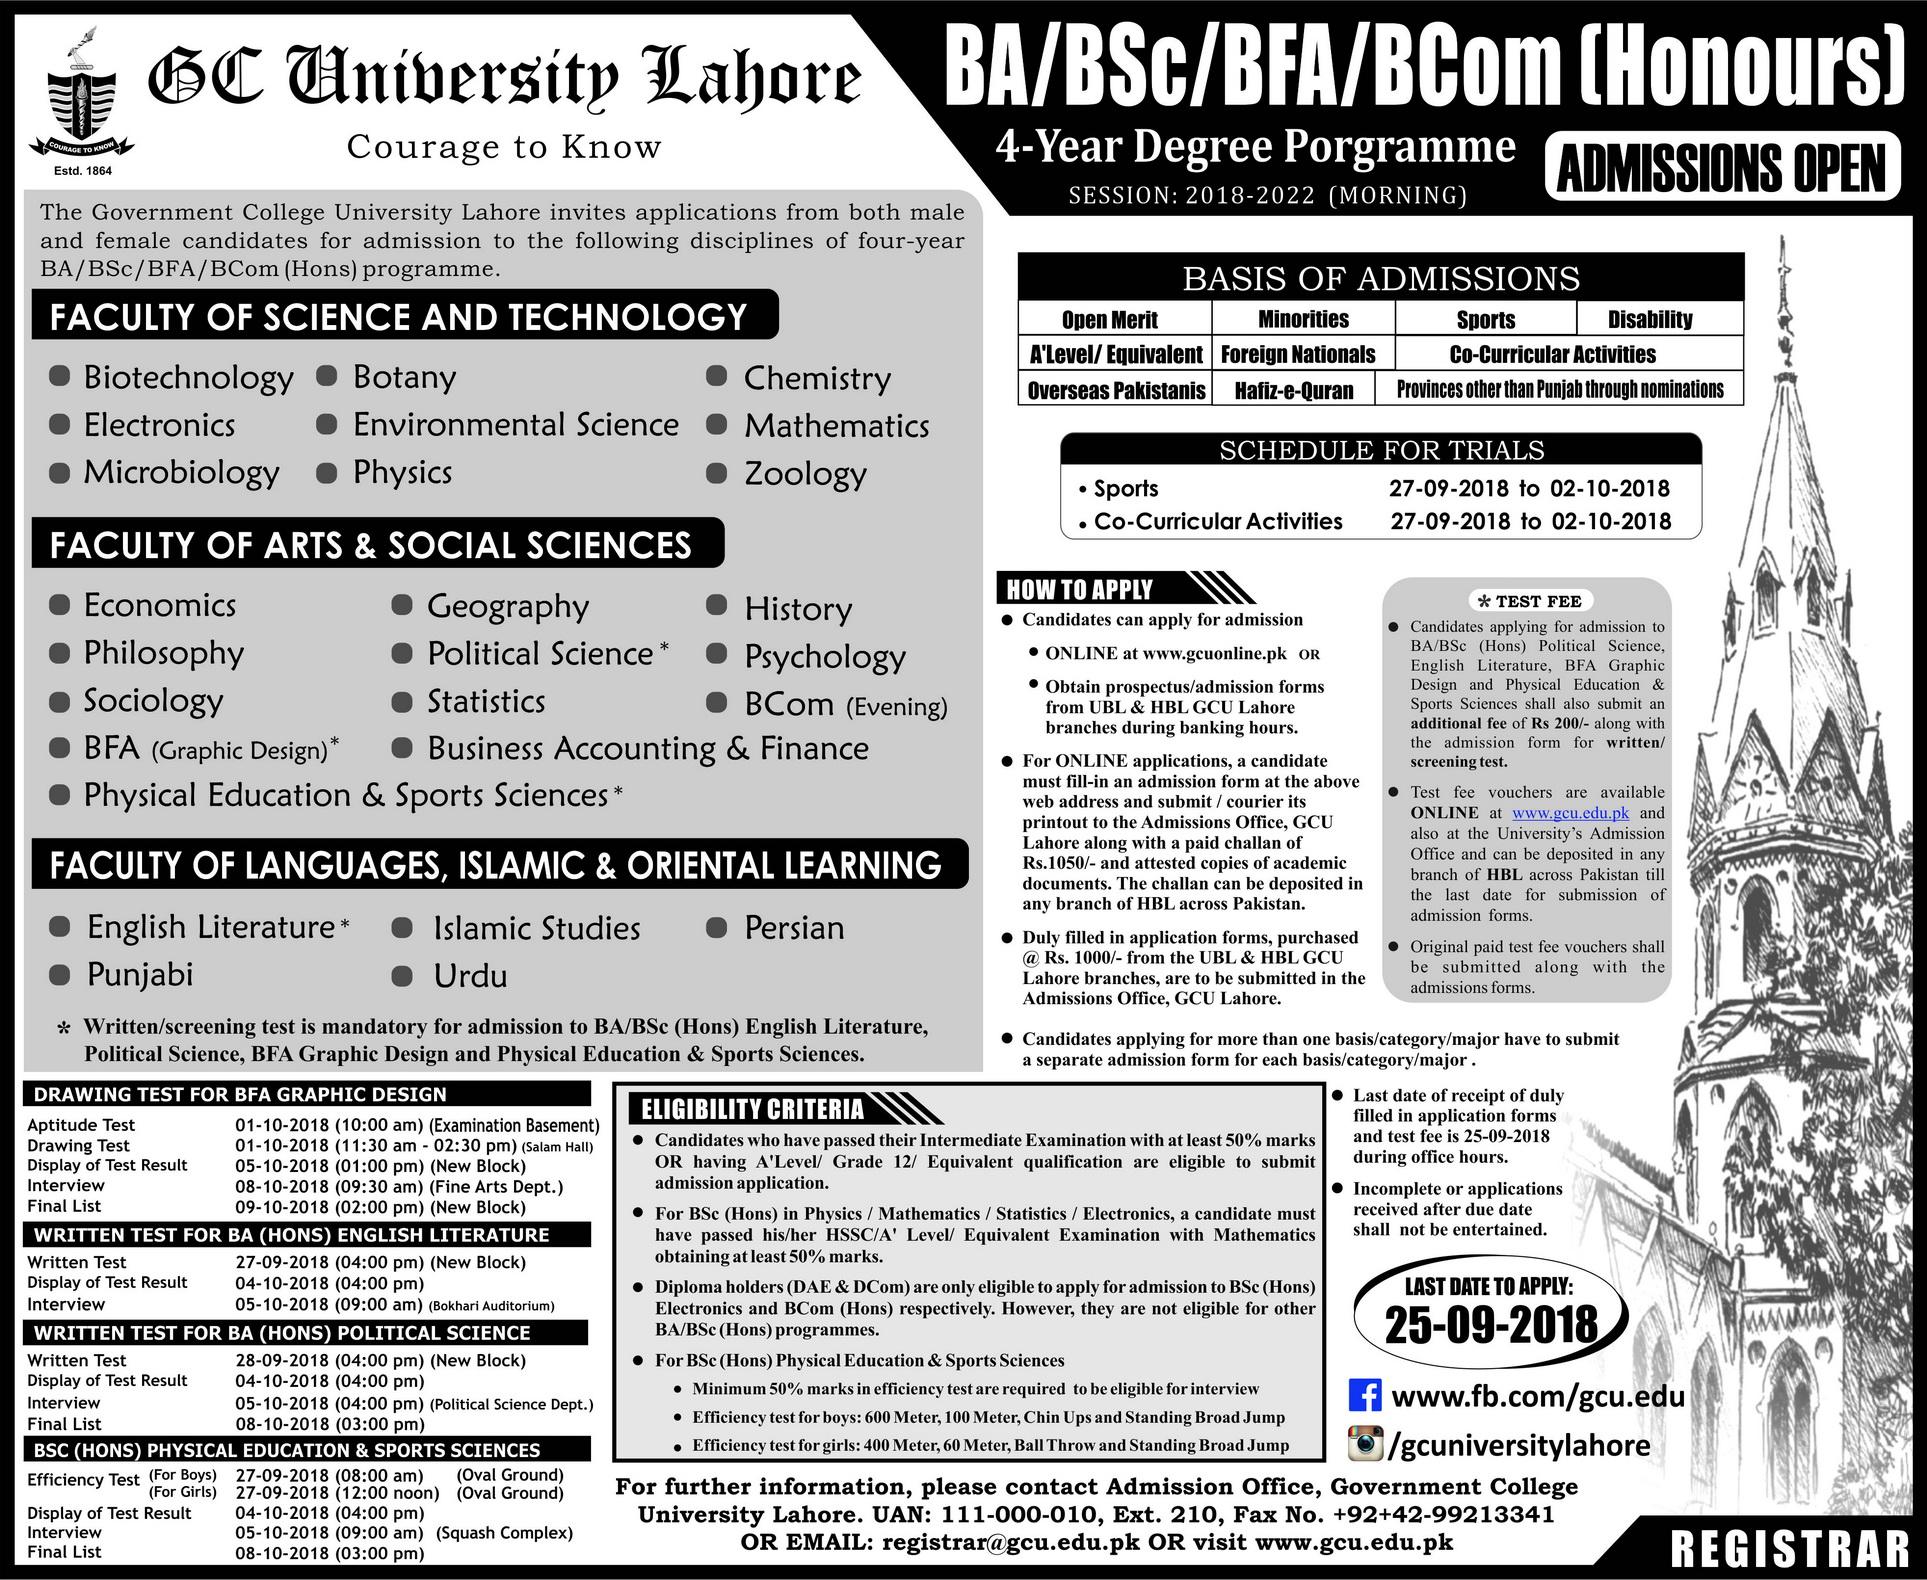 GC University Lahore BA, BSc, B.Com Admission 2018 Form, Last Date